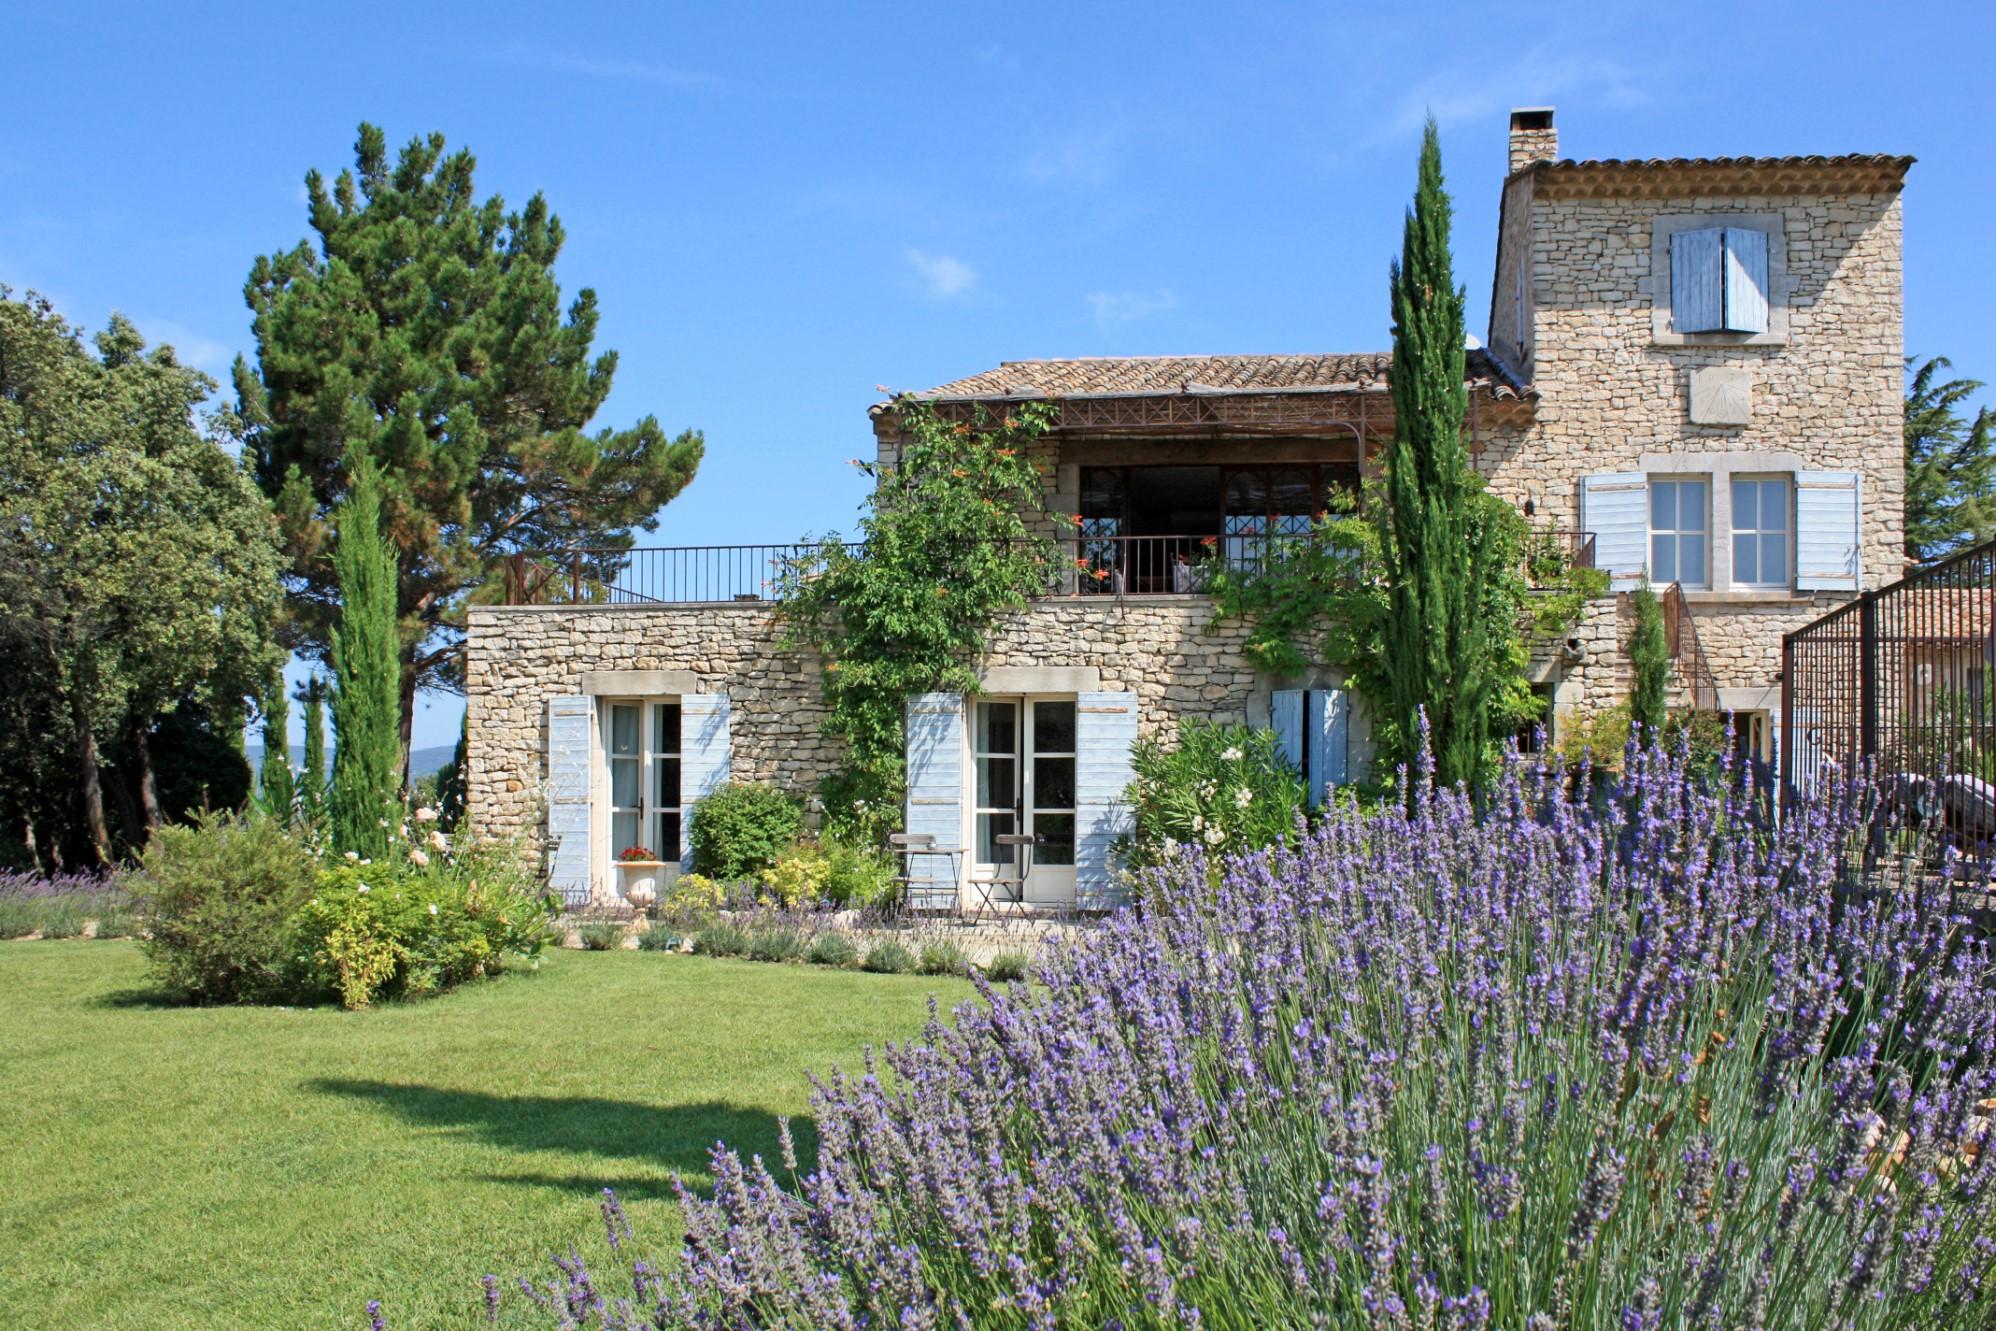 Ventes Grande maison de famille sur un oppidum avec vue, en vente en Luberon - Agence Rosier